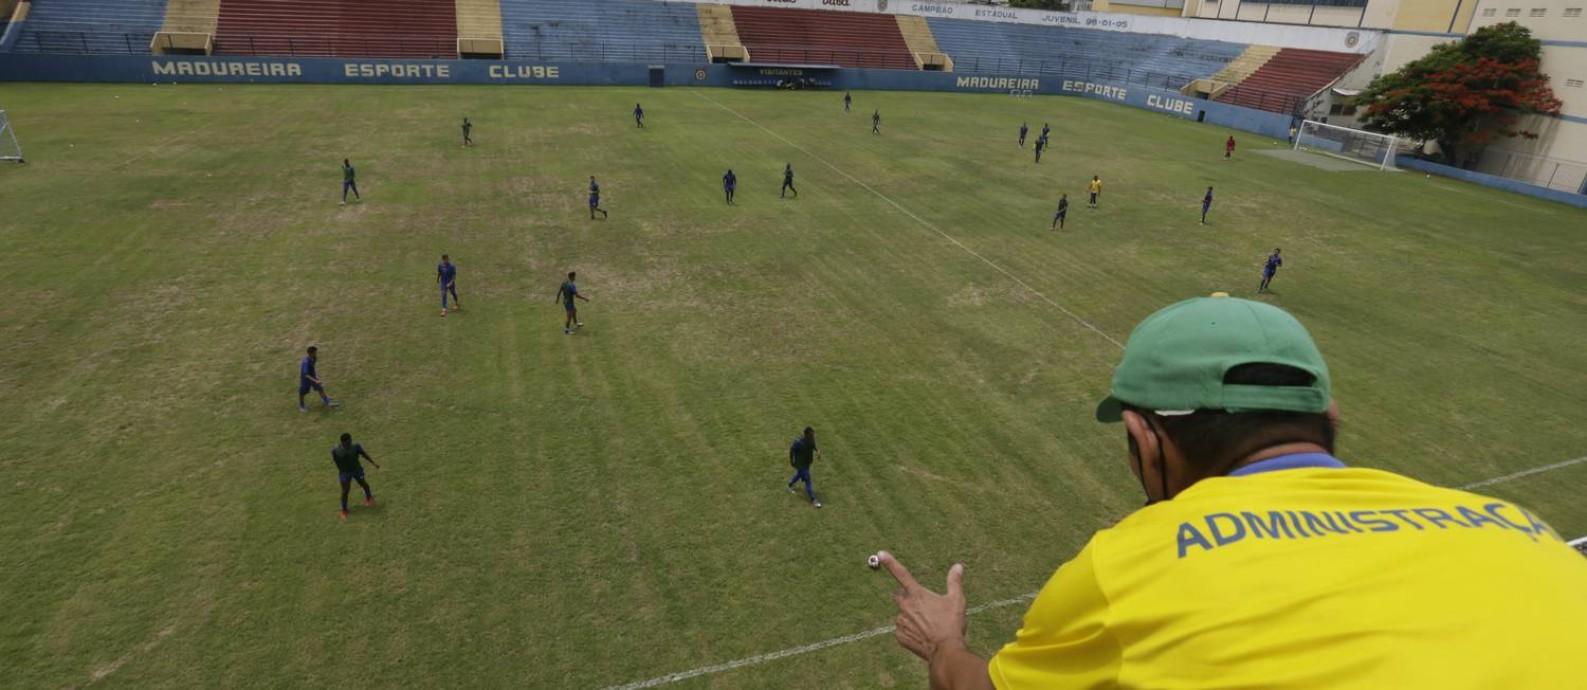 Conselheiro Galvão, do Madureira, é um dos estádios já prontos para o Estadual Foto: Custódio Coimbra / Agência O Globo